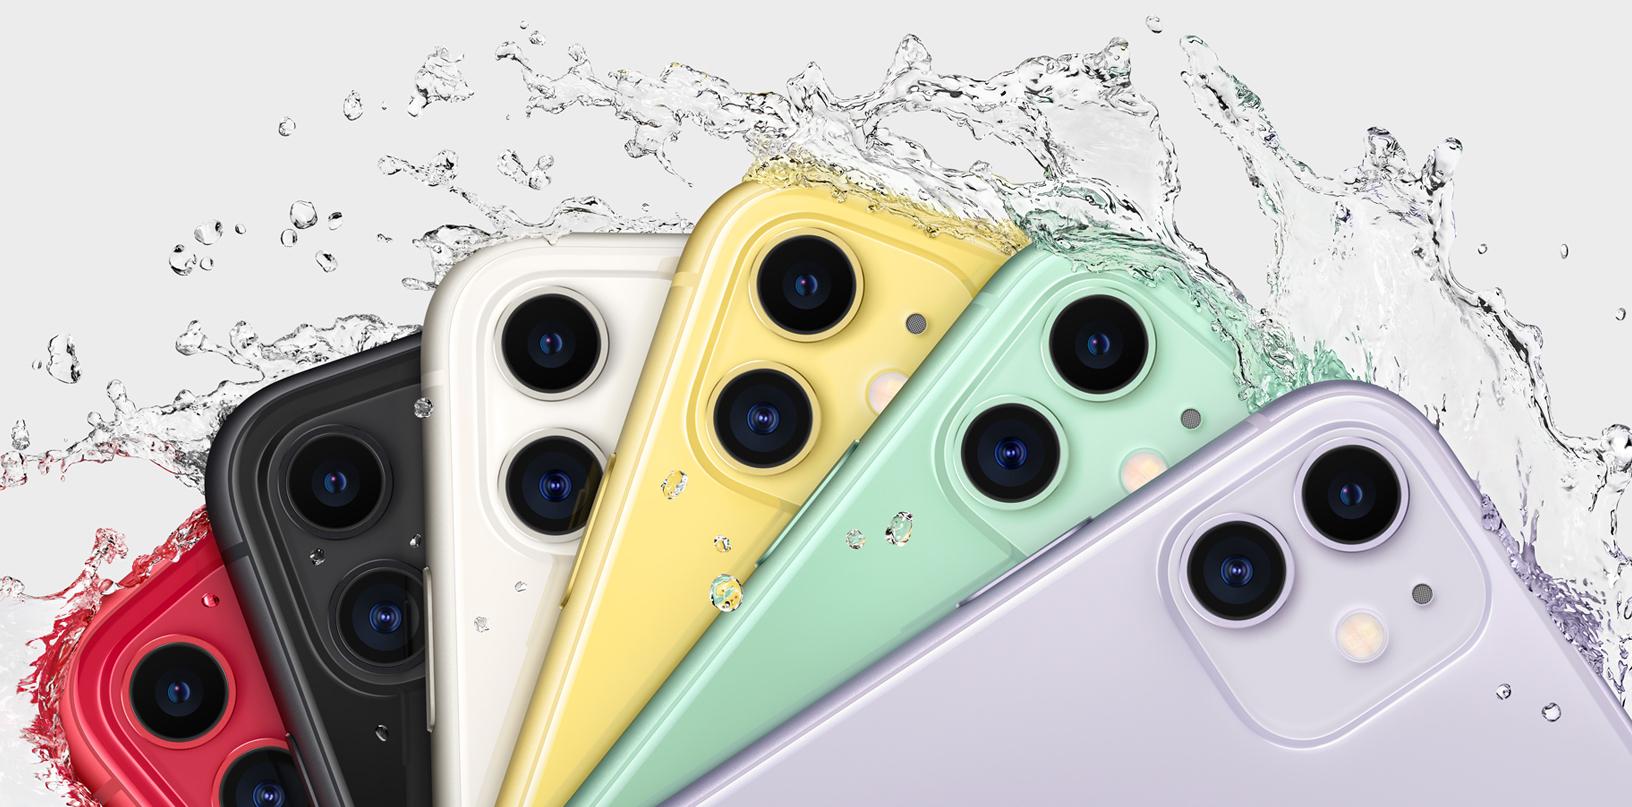 Welches Iphone Kaufen Iphone 11 Pro Xr Und Iphone 8 Im